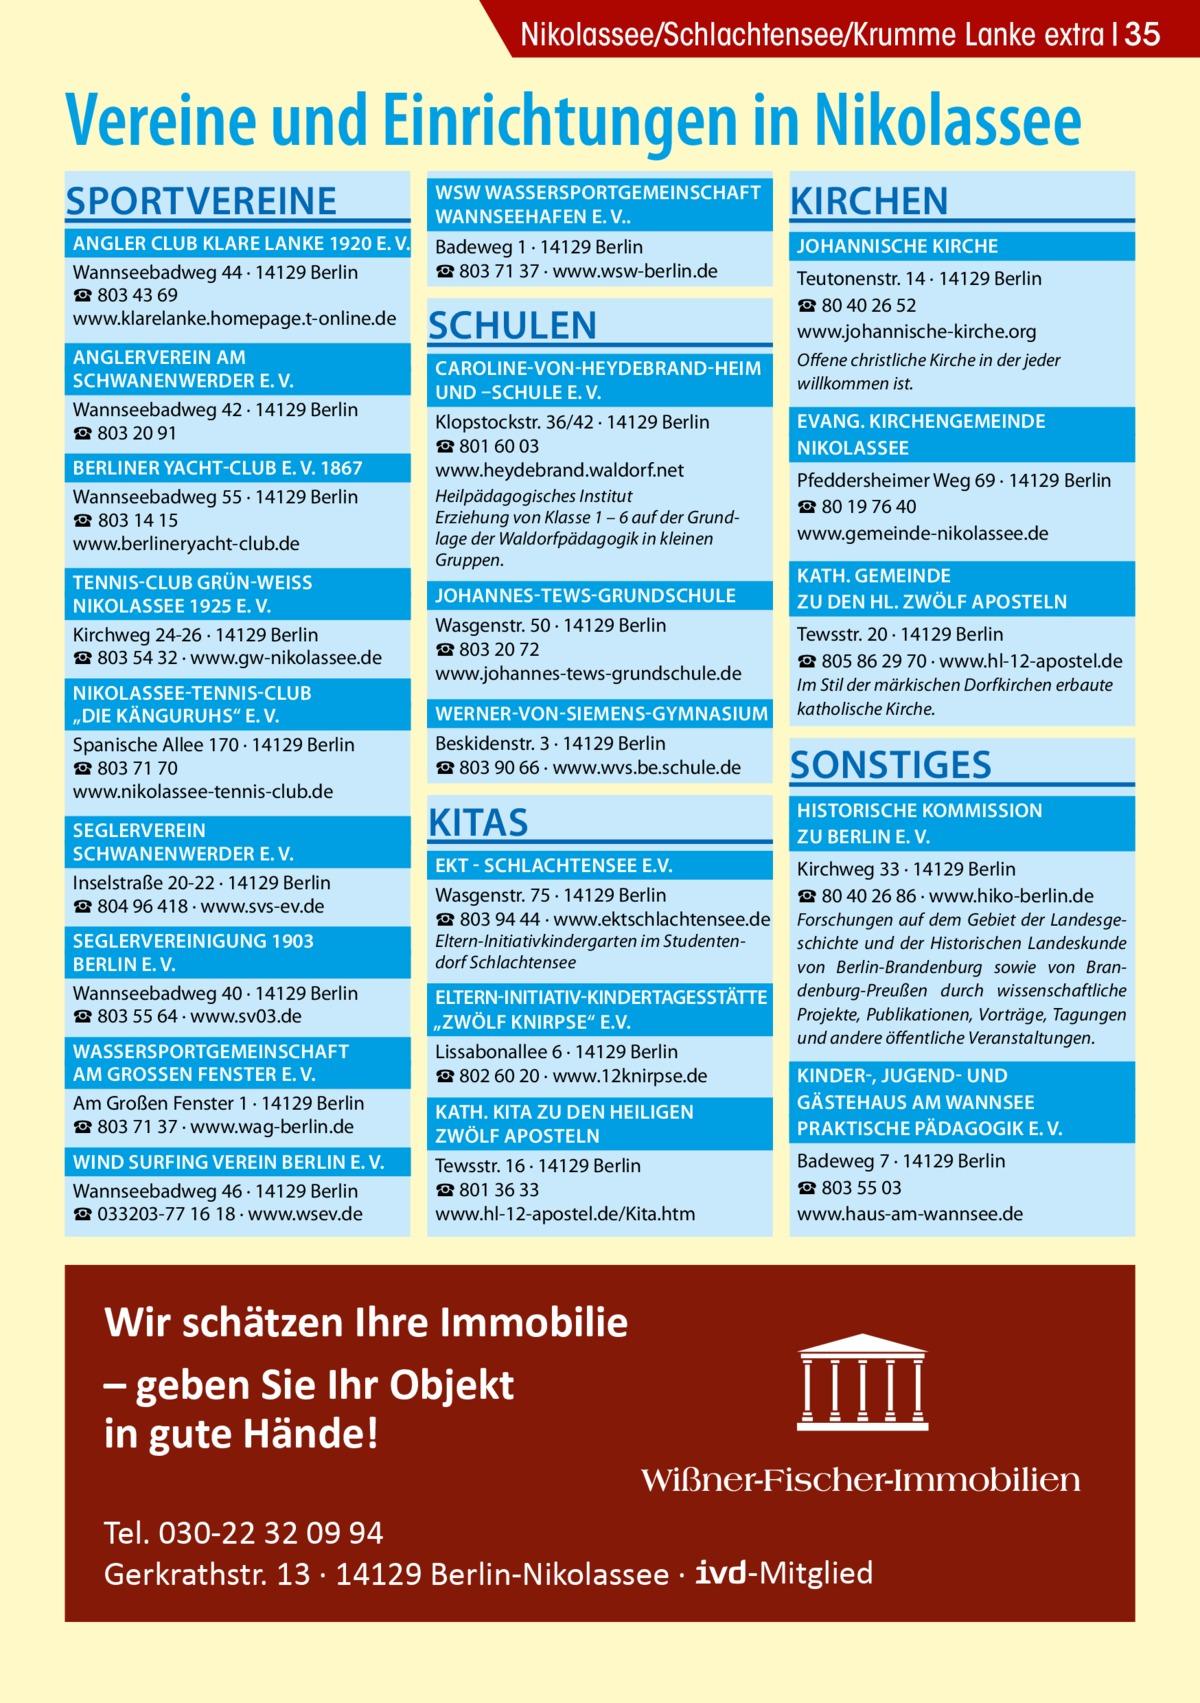 """Gesundheit Nikolassee/Schlachtensee/Krumme Lanke extra 35  Vereine und Einrichtungen in Nikolassee Sportvereine   WSW Wassersportgemeinschaft �  Wannseehafen e. V..�  Angler Club Klare Lanke 1920 e. V.� Badeweg 1 · 14129 Berlin ☎803 71 37 · www.wsw-berlin.de Wannseebadweg 44 · 14129 Berlin ☎ 803 43 69 www.klarelanke.homepage.t-online.de  Anglerverein Am�  Schwanenwerder e. V.� Wannseebadweg 42 · 14129 Berlin ☎ 803 20 91 Berliner Yacht-Club e. V. 1867� Wannseebadweg 55 · 14129 Berlin ☎ 803 14 15 www.berlineryacht-club.de  Tennis-Club Grün-WeiSS �  Nikolassee 1925 e. V.� Kirchweg 24-26 · 14129 Berlin ☎ 803 54 32 · www.gw-nikolassee.de  Nikolassee-Tennis-Club �  """"Die Känguruhs"""" e. V.� Spanische Allee 170 · 14129 Berlin ☎803 71 70 www.nikolassee-tennis-club.de Seglerverein�  Schwanenwerder e. V.� Inselstraße 20-22 · 14129 Berlin ☎804 96 418 · www.svs-ev.de  Seglervereinigung 1903 � Berlin e. V.� Wannseebadweg 40 · 14129 Berlin ☎803 55 64 · www.sv03.de  Wassersportgemeinschaft � am GroSSen Fenster e. V.� Am Großen Fenster 1 · 14129 Berlin ☎803 71 37 · www.wag-berlin.de  Wind Surfing Verein Berlin e. V.� Wannseebadweg 46 · 14129 Berlin ☎033203-77 16 18 · www.wsev.de  Schulen  Kirchen  Johannische Kirche � Teutonenstr. 14 · 14129 Berlin ☎ 80 40 26 52 www.johannische-kirche.org   Caroline-von-Heydebrand-Heim � Offene christliche Kirche in der jeder willkommen ist. und –Schule e. V. �  Evang. Kirchengemeinde � Klopstockstr. 36/42 · 14129 Berlin ☎801 60 03 Nikolassee� www.heydebrand.waldorf.net Pfeddersheimer Weg 69 · 14129 Berlin Heilpädagogisches Institut ☎80 19 76 40 Erziehung von Klasse 1 – 6 auf der Grundwww.gemeinde-nikolassee.de lage der Waldorfpädagogik in kleinen Gruppen.   Kath. gemeinde � zu den Hl. Zwölf Aposteln �   Johannes-Tews-Grundschule � Wasgenstr. 50 · 14129 Berlin ☎803 20 72 www.johannes-tews-grundschule.de  Tewsstr. 20 · 14129 Berlin ☎805 86 29 70 · www.hl-12-apostel.de Im Stil der märkischen Dorfkirchen erbaute katholische Kirche.   Werner-von-Siemens-G"""